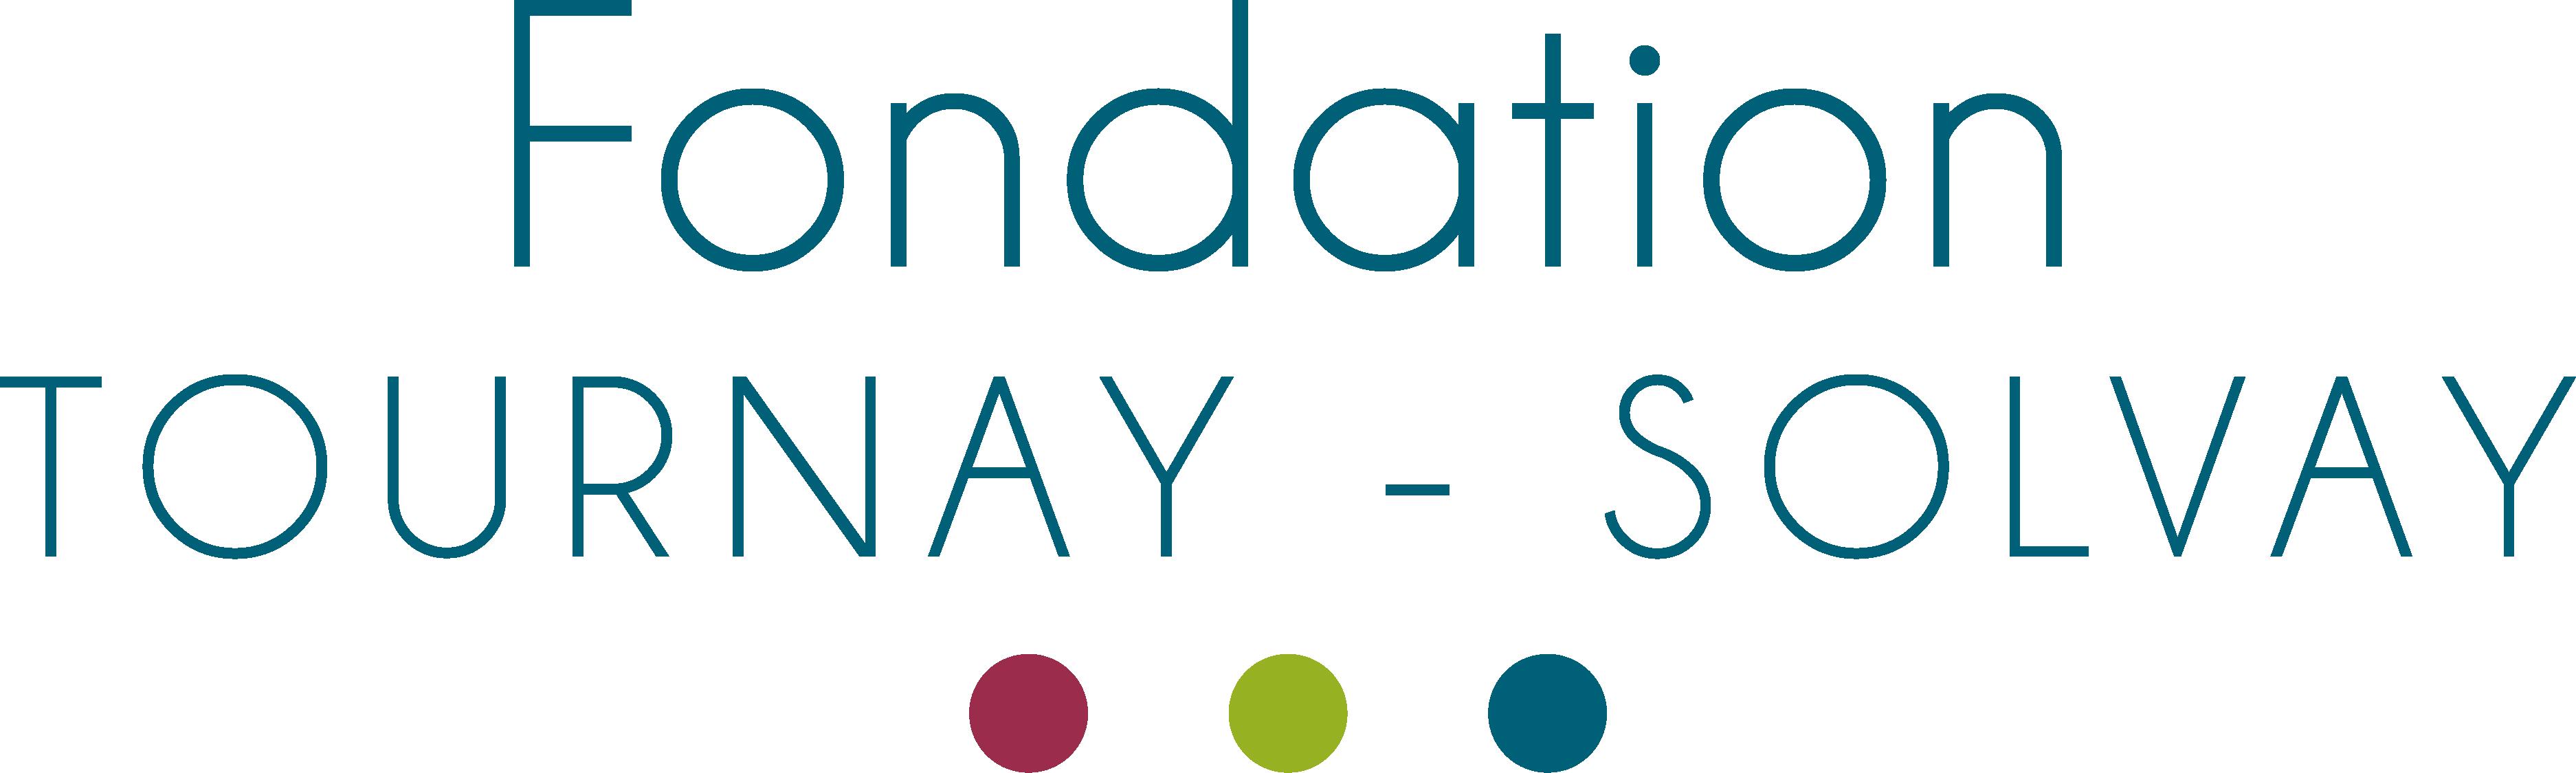 Fondation Tournay-Solvay